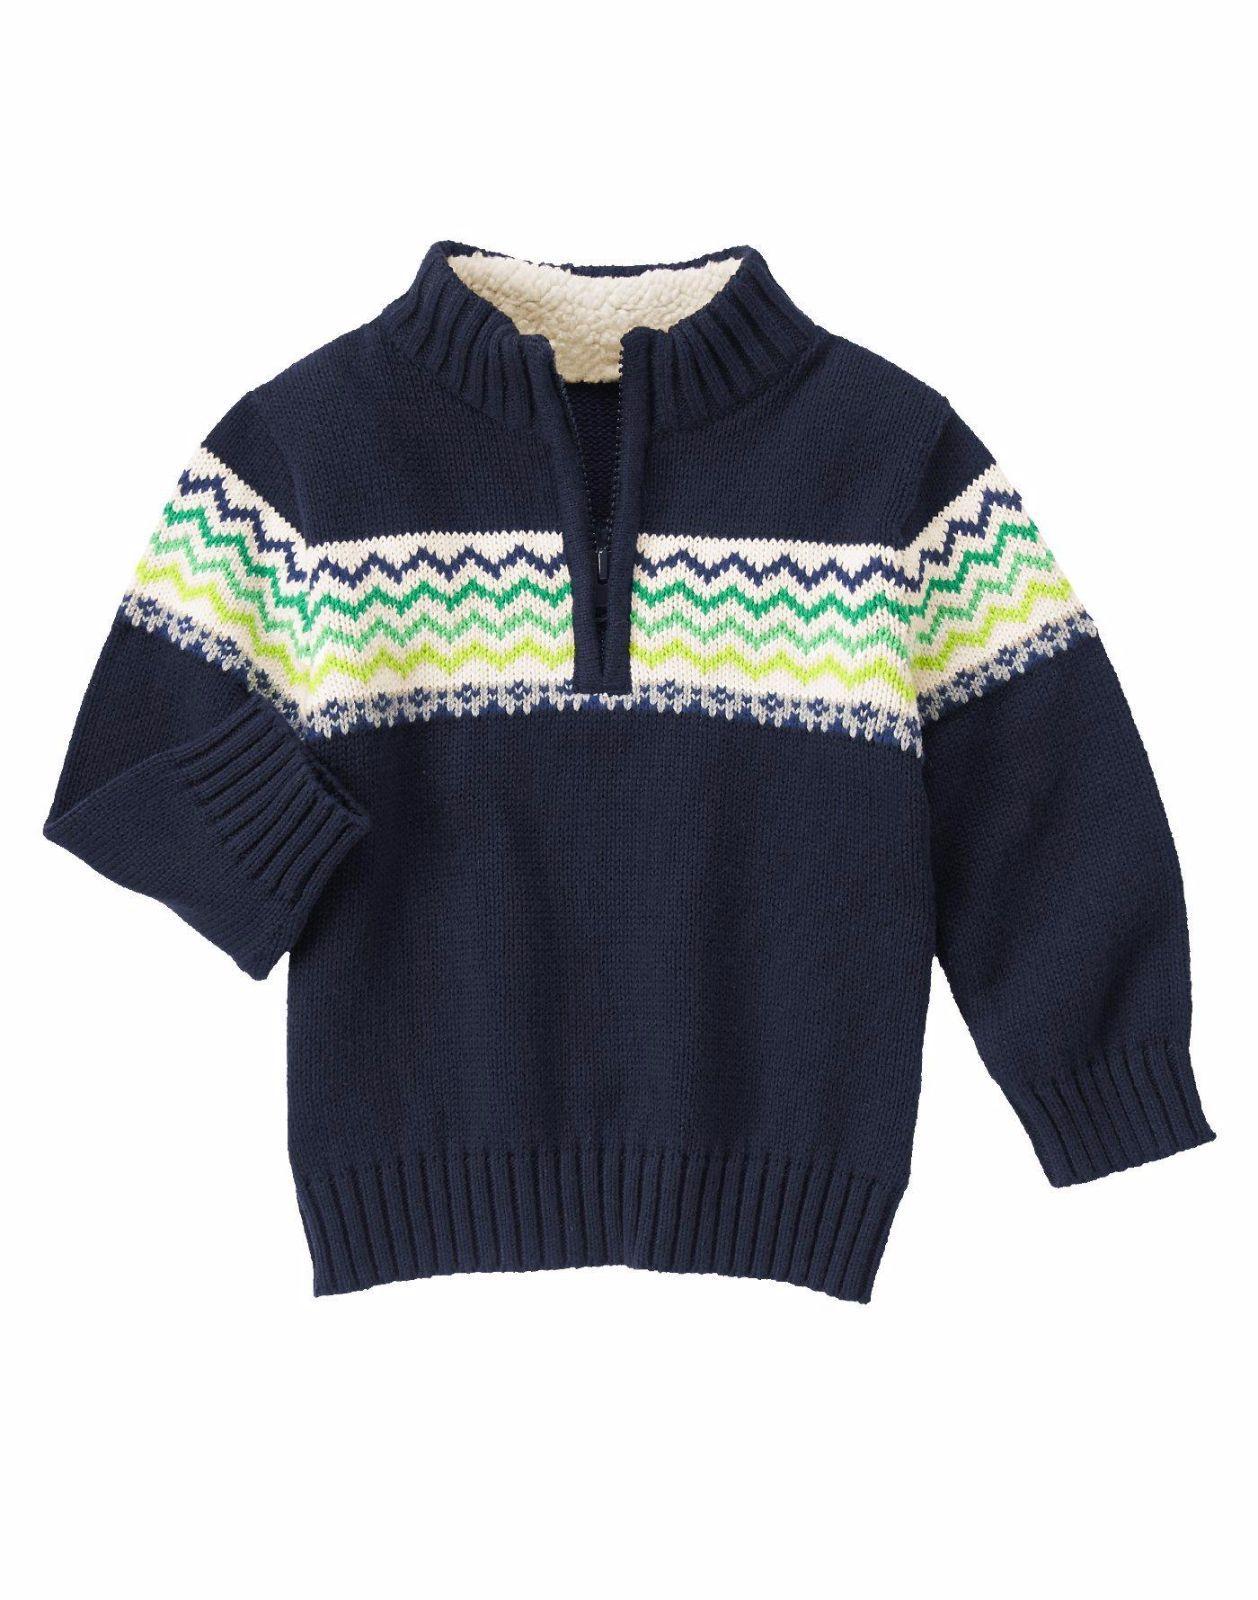 8db4e2b6e59 GYMBOREE Baby Boys Half Zip Fleece Collar Pullover Long Sleeve Sweater Navy  6-12 Mo